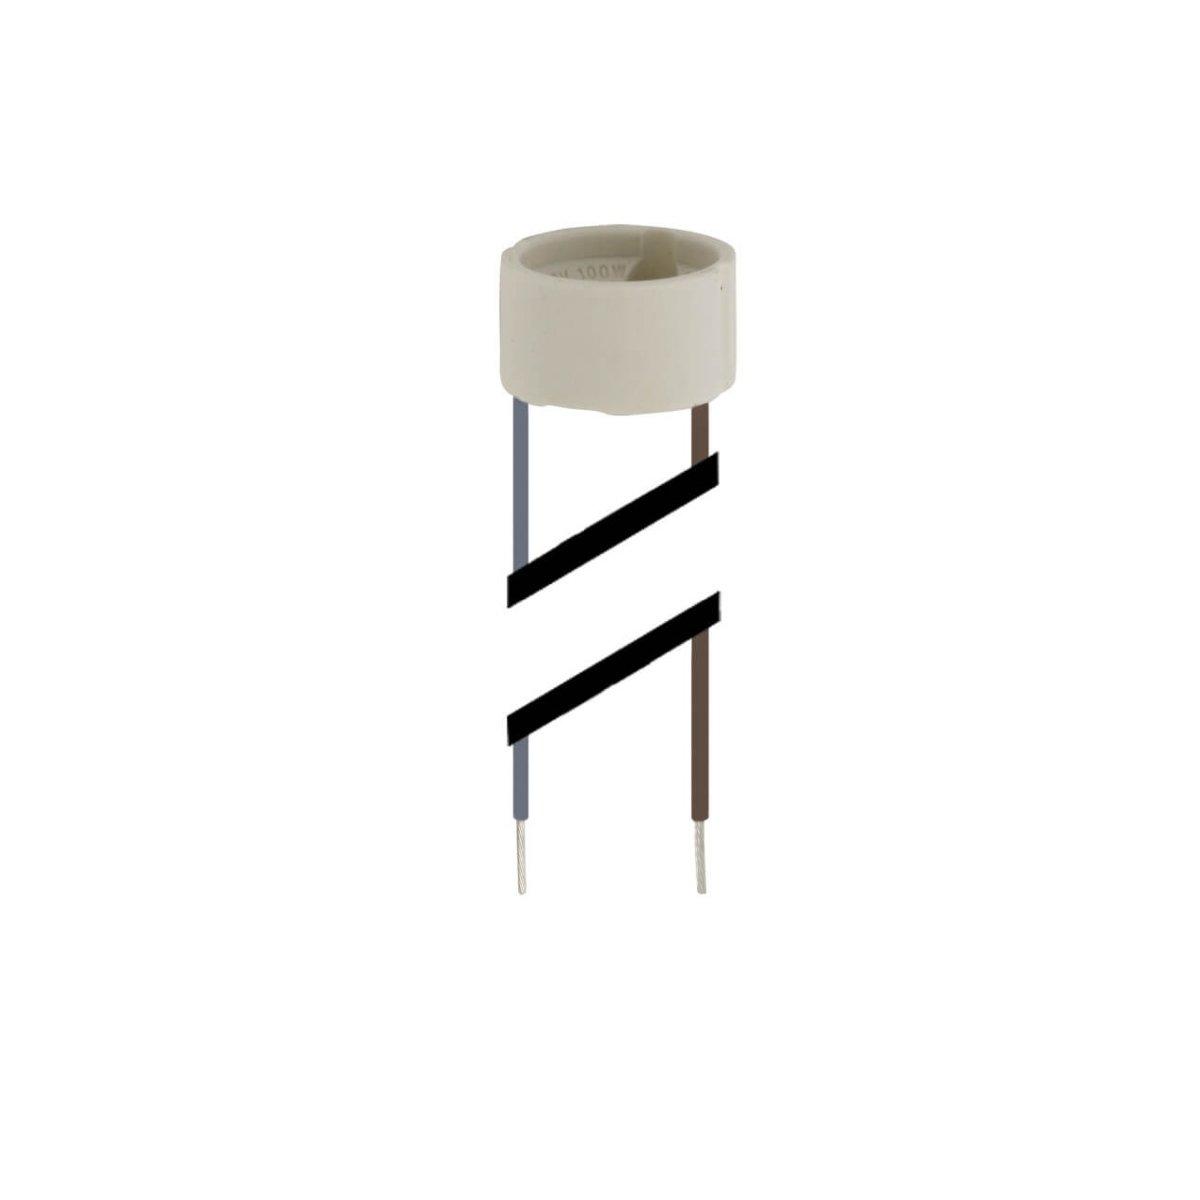 fassung gu10 halterung gu10 mit anschlusslitze 230v. Black Bedroom Furniture Sets. Home Design Ideas